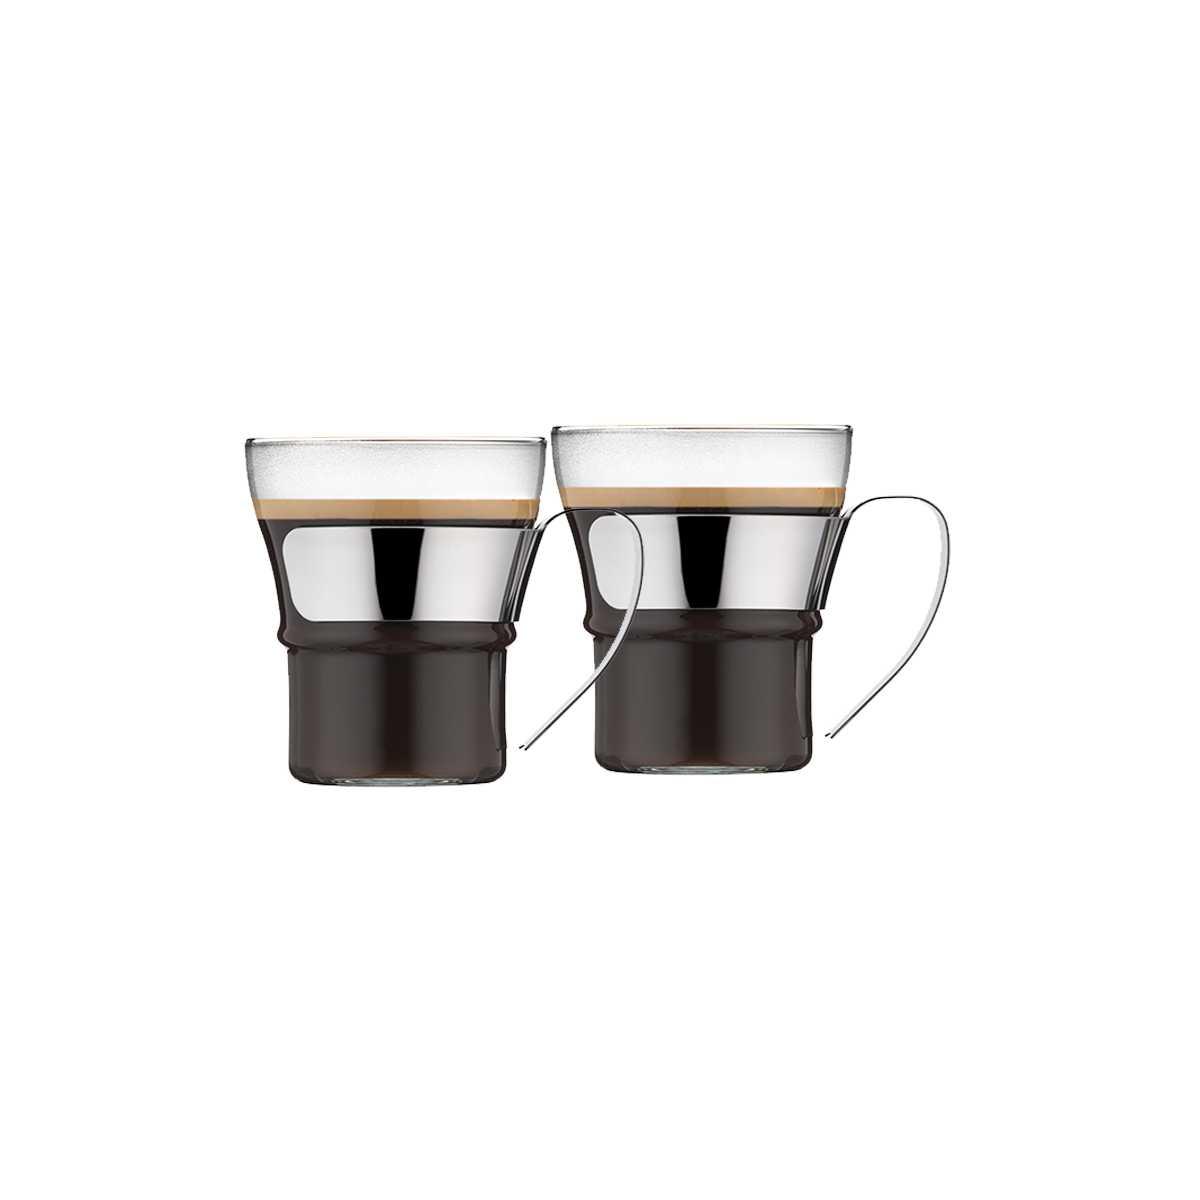 Набор чашек 0,3 л, 2 шт Bodum Assam  (4552-16) Bodum 4552-16 фото 1